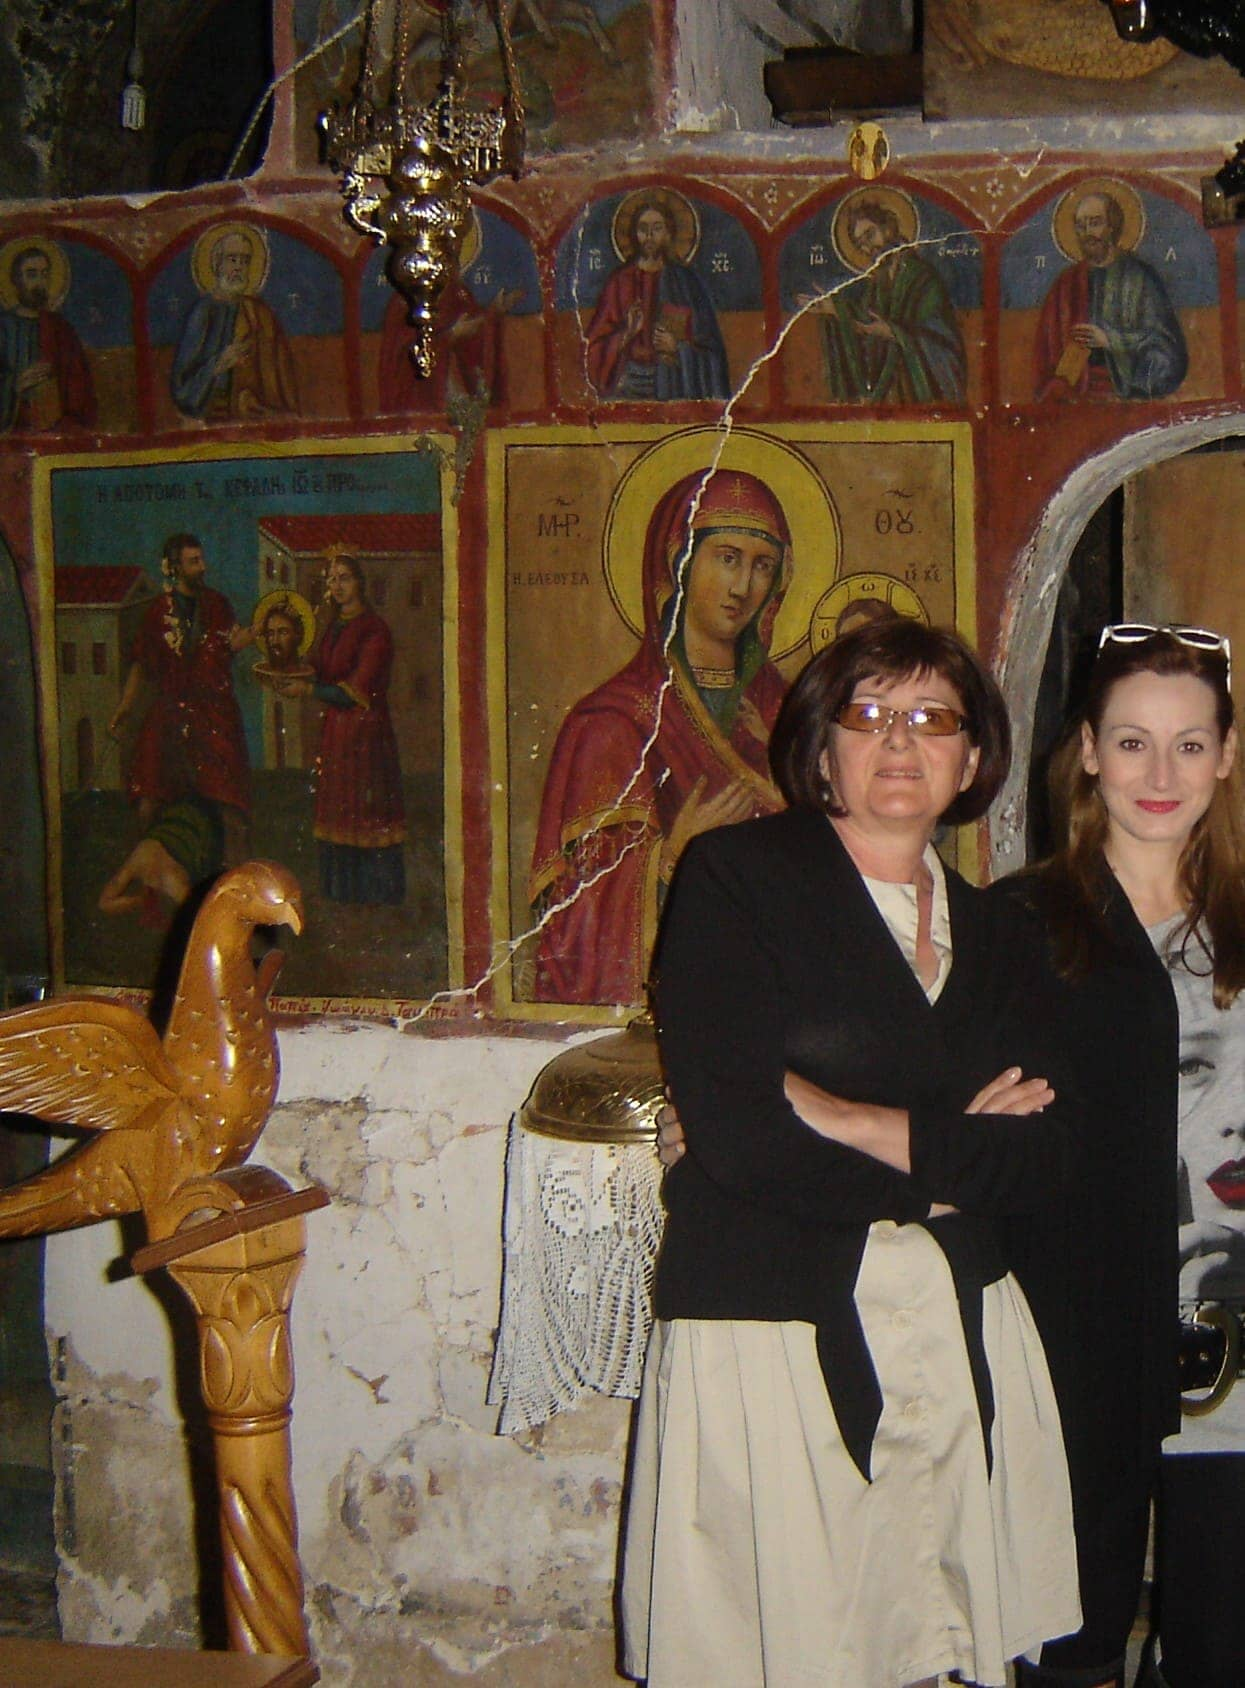 Παλιούρι Καρδίτσας: Ένα χωριό με σήμα κατατεθέν το μοναστήρι του 13ου αιώνα